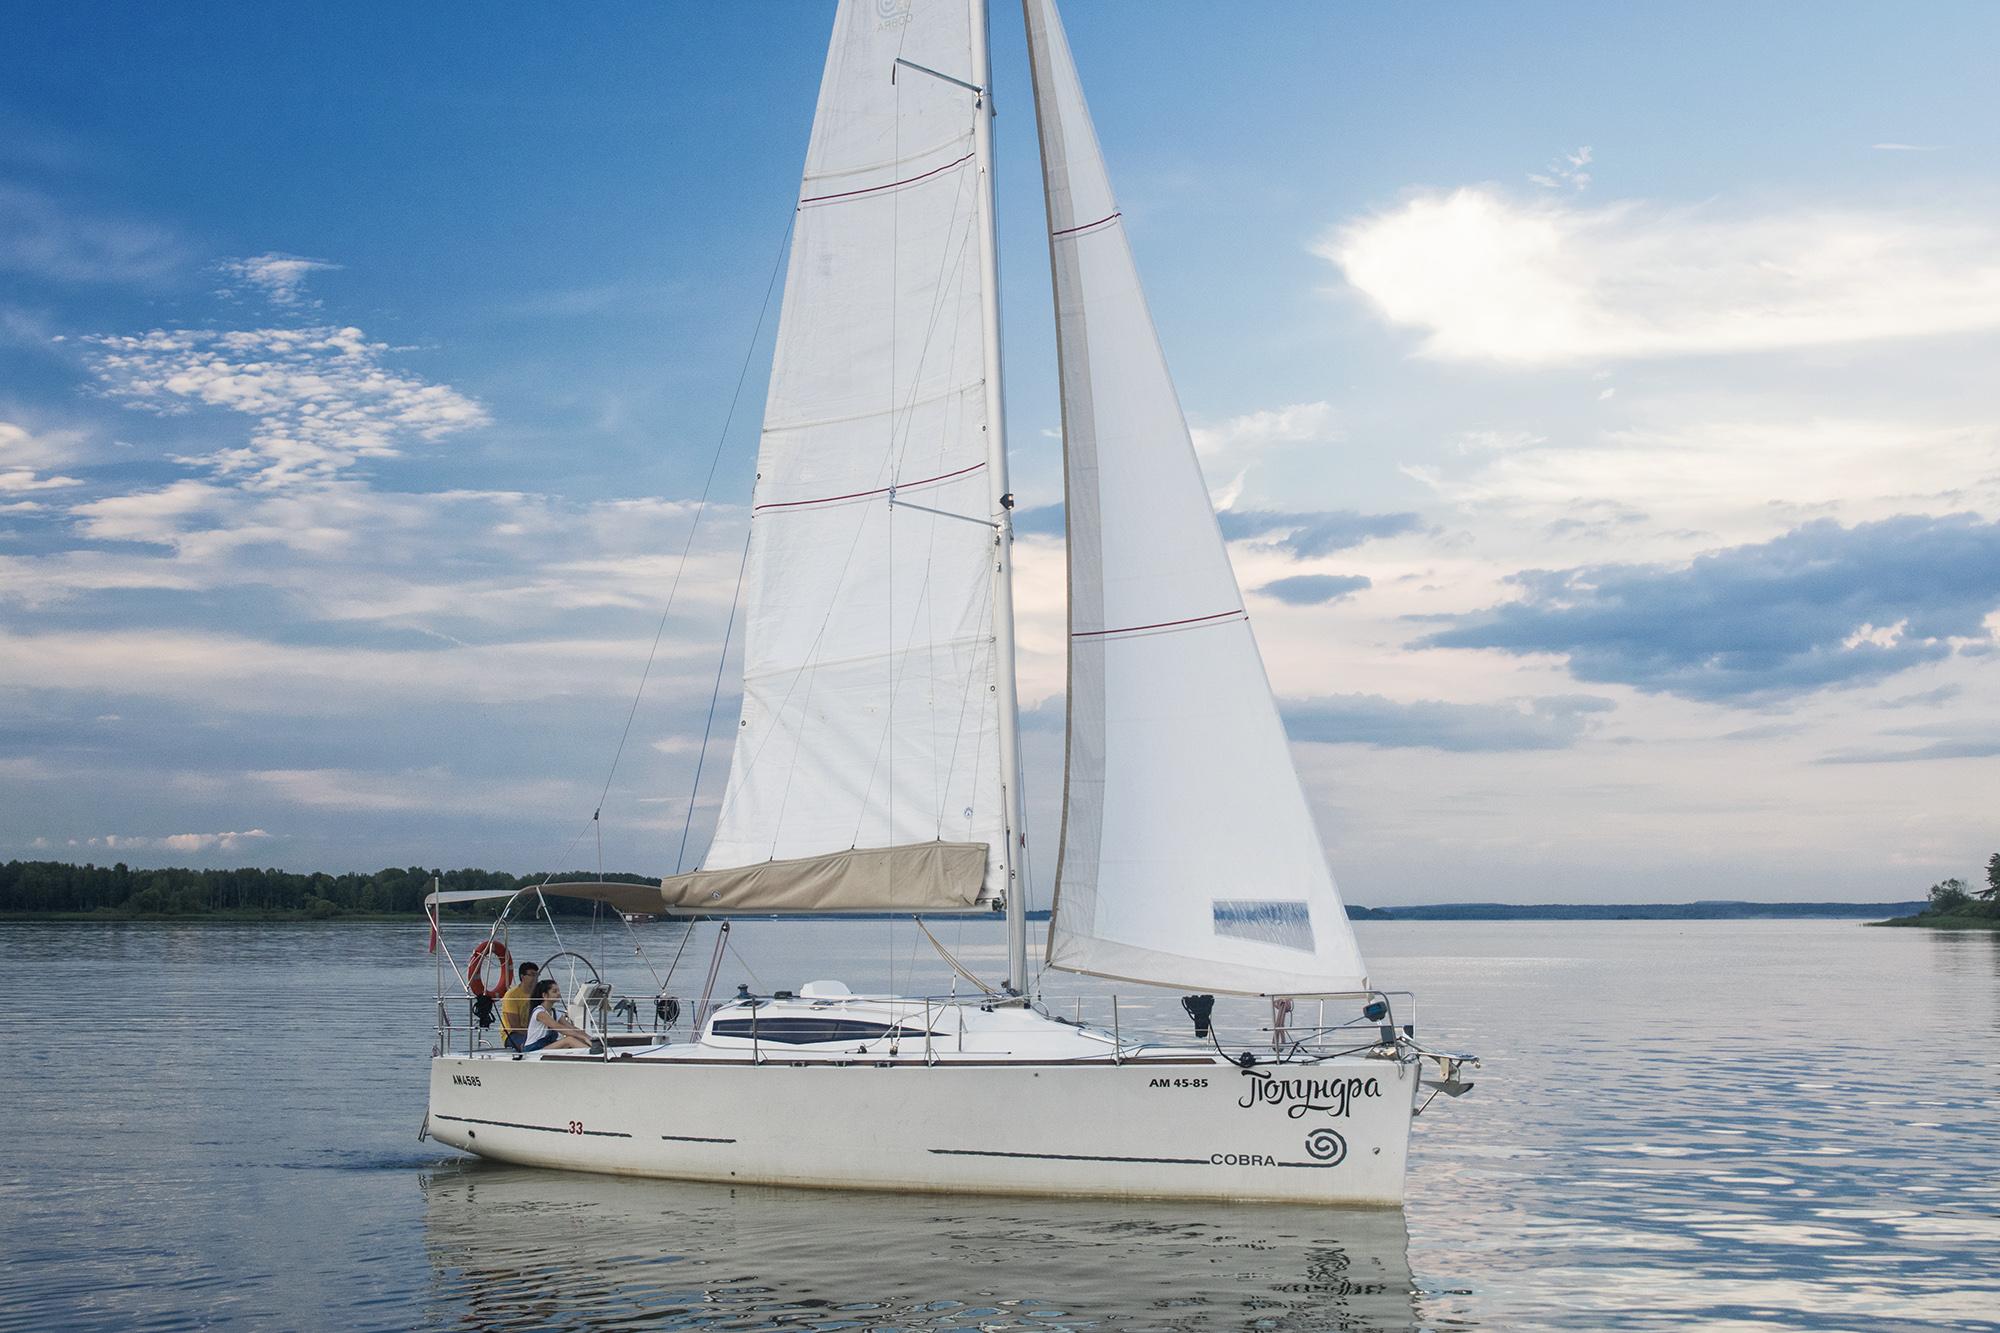 billyby парусная яхта Полундра на воде